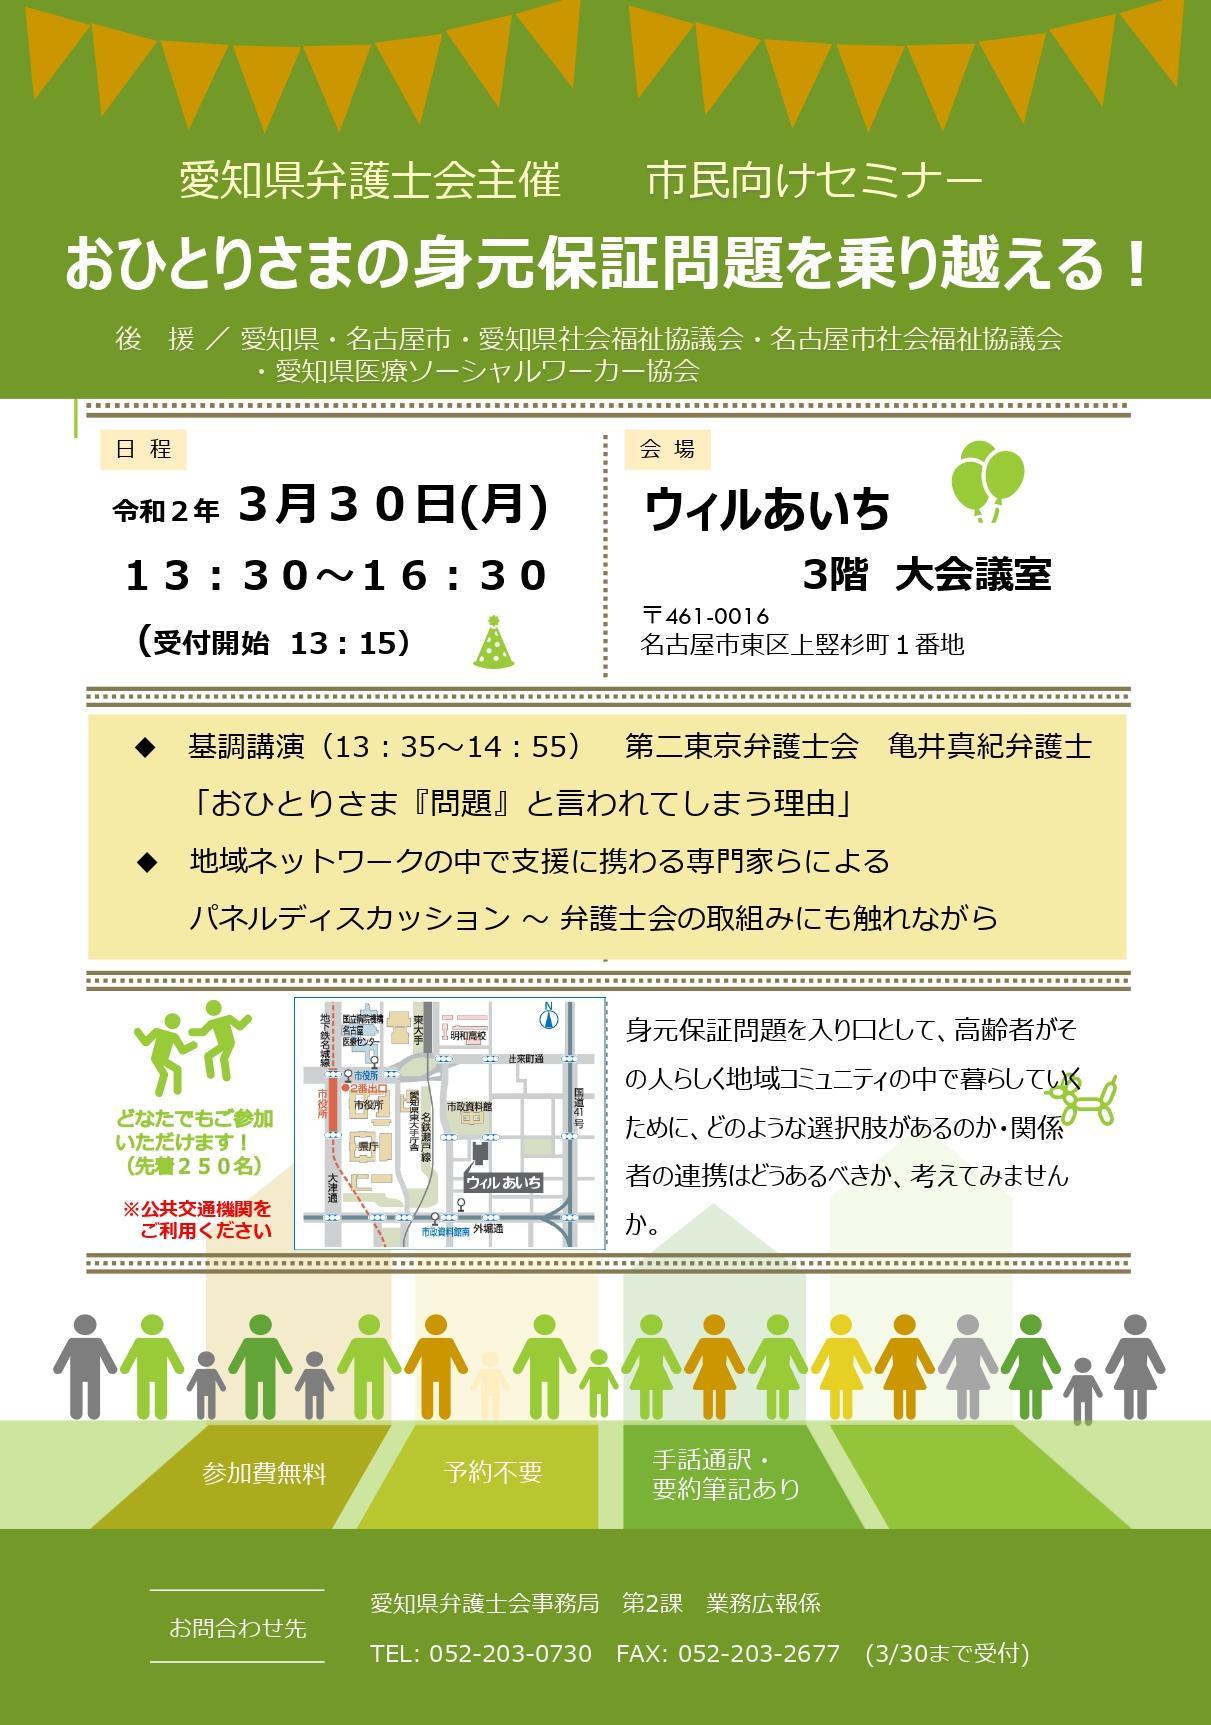 200212 シンポチラシ案6(後援確定).jpg